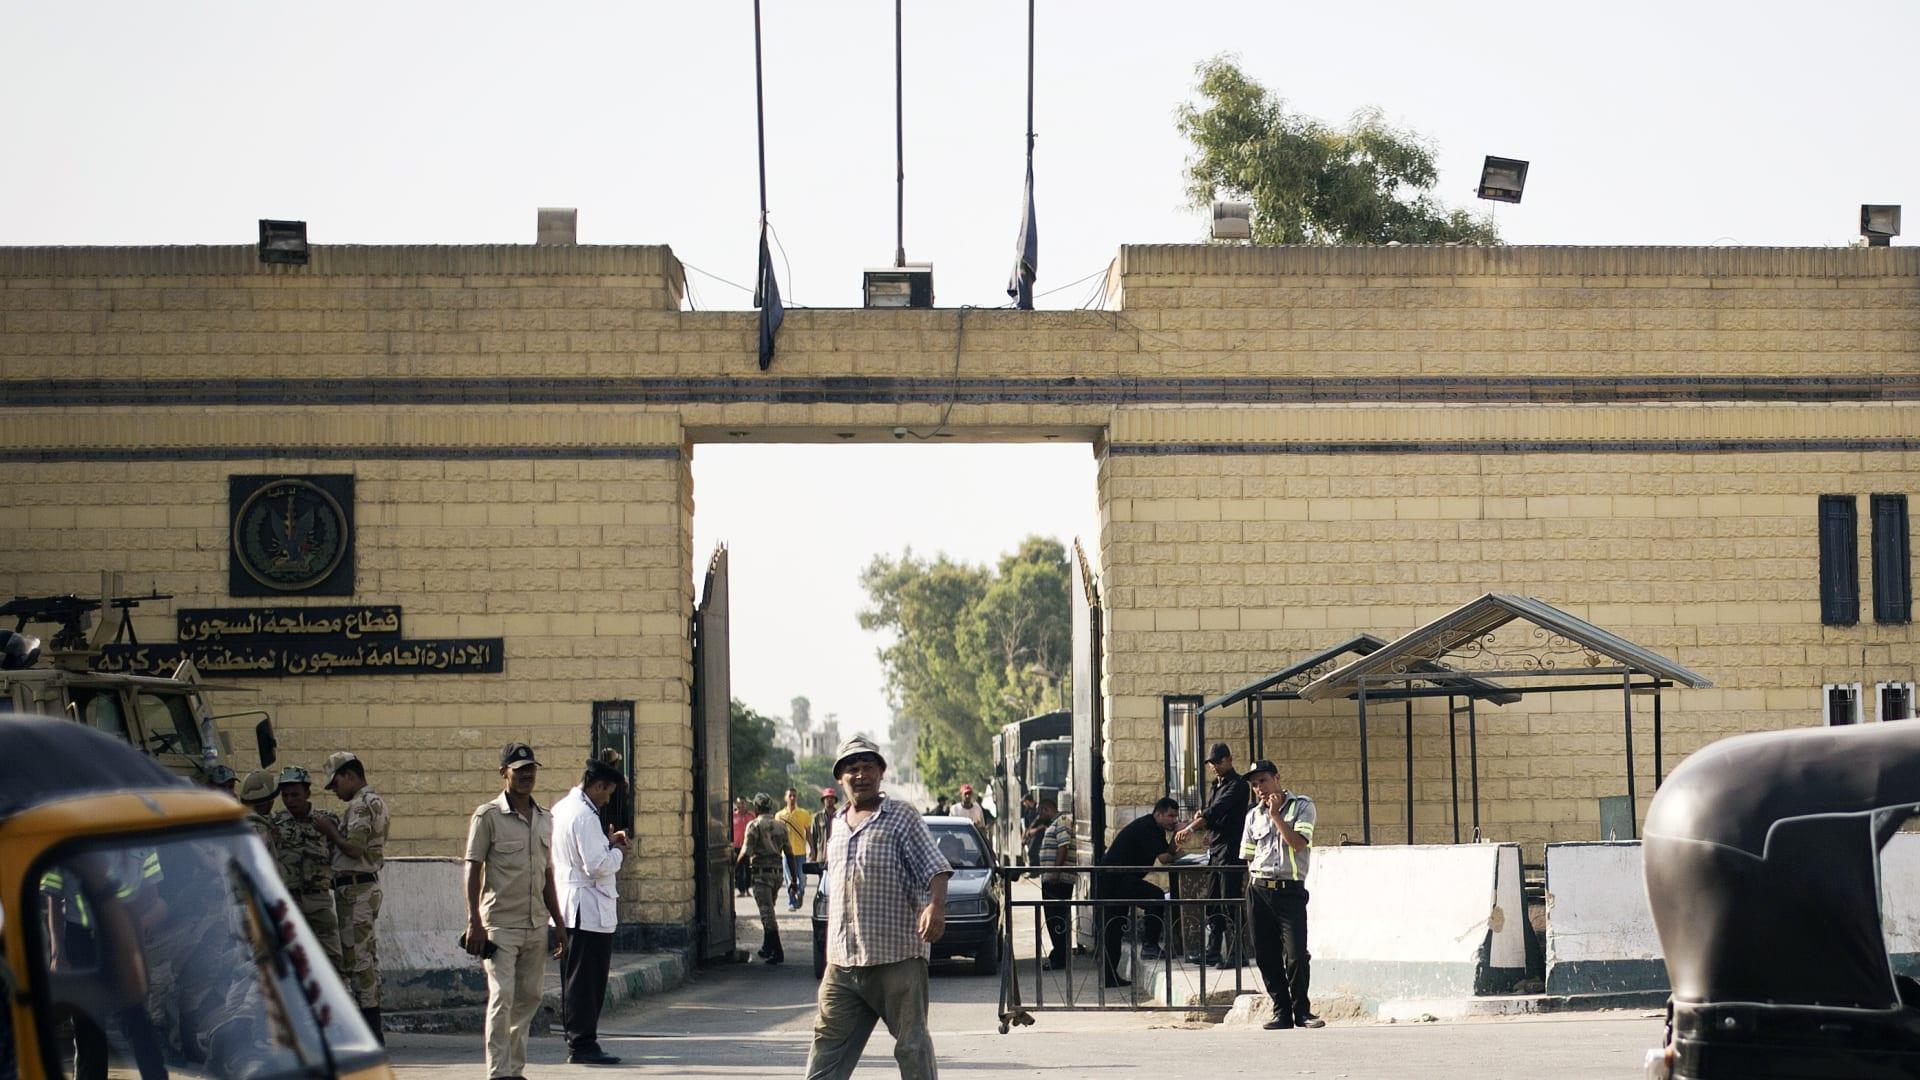 واشنطن تؤكد وفاة مواطن أمريكي من أصول مصرية بعد 6 سنوات من سجنه: موته مأساوي